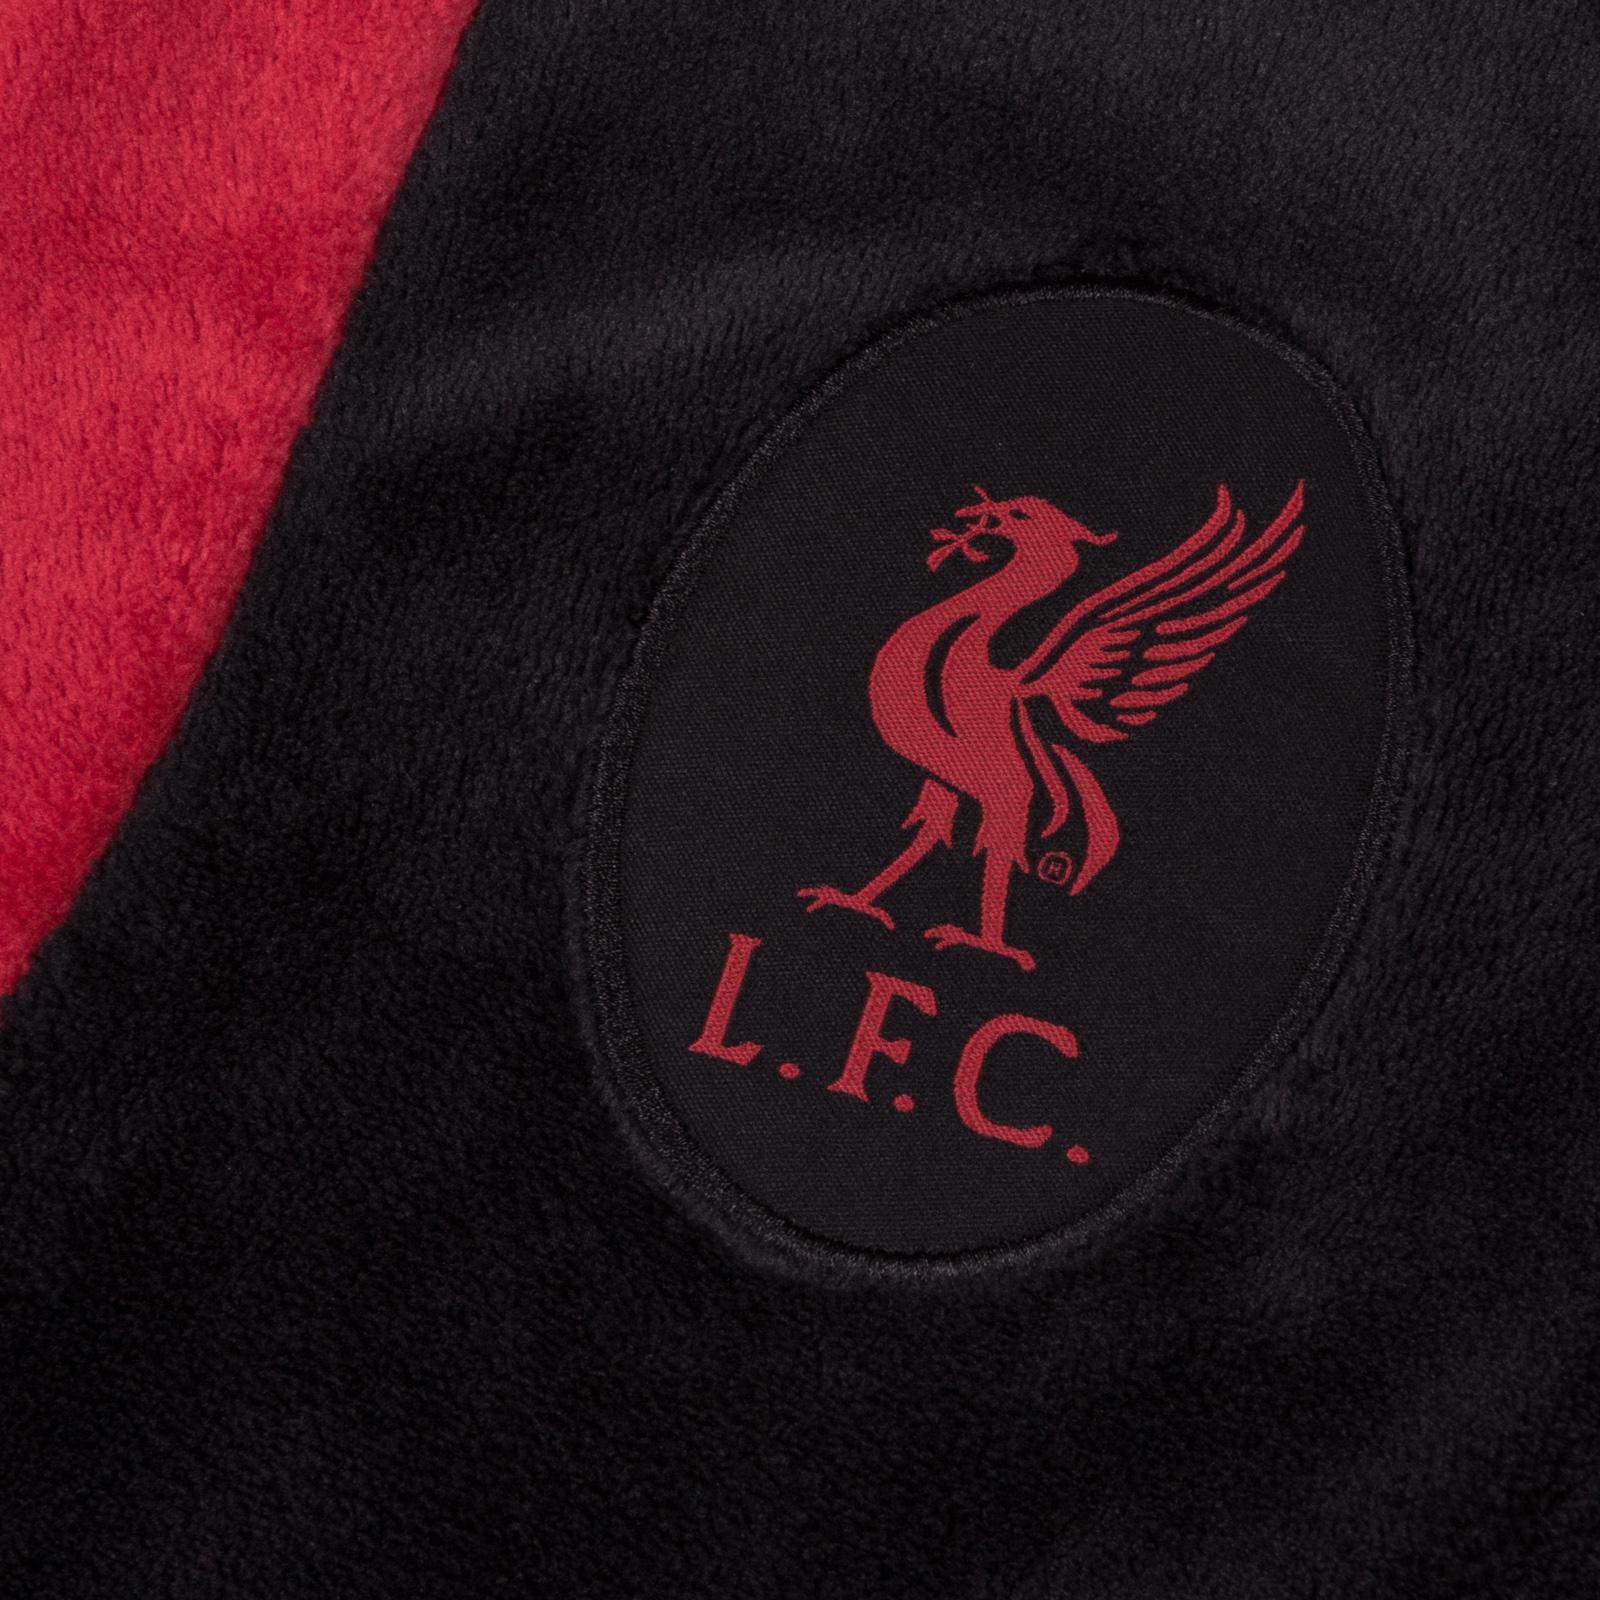 Ragazzi Ufficiale Liverpool Lfc Con Cappuccio All in One Pile Per Bambini Ragazzi 4 6 8 10 12